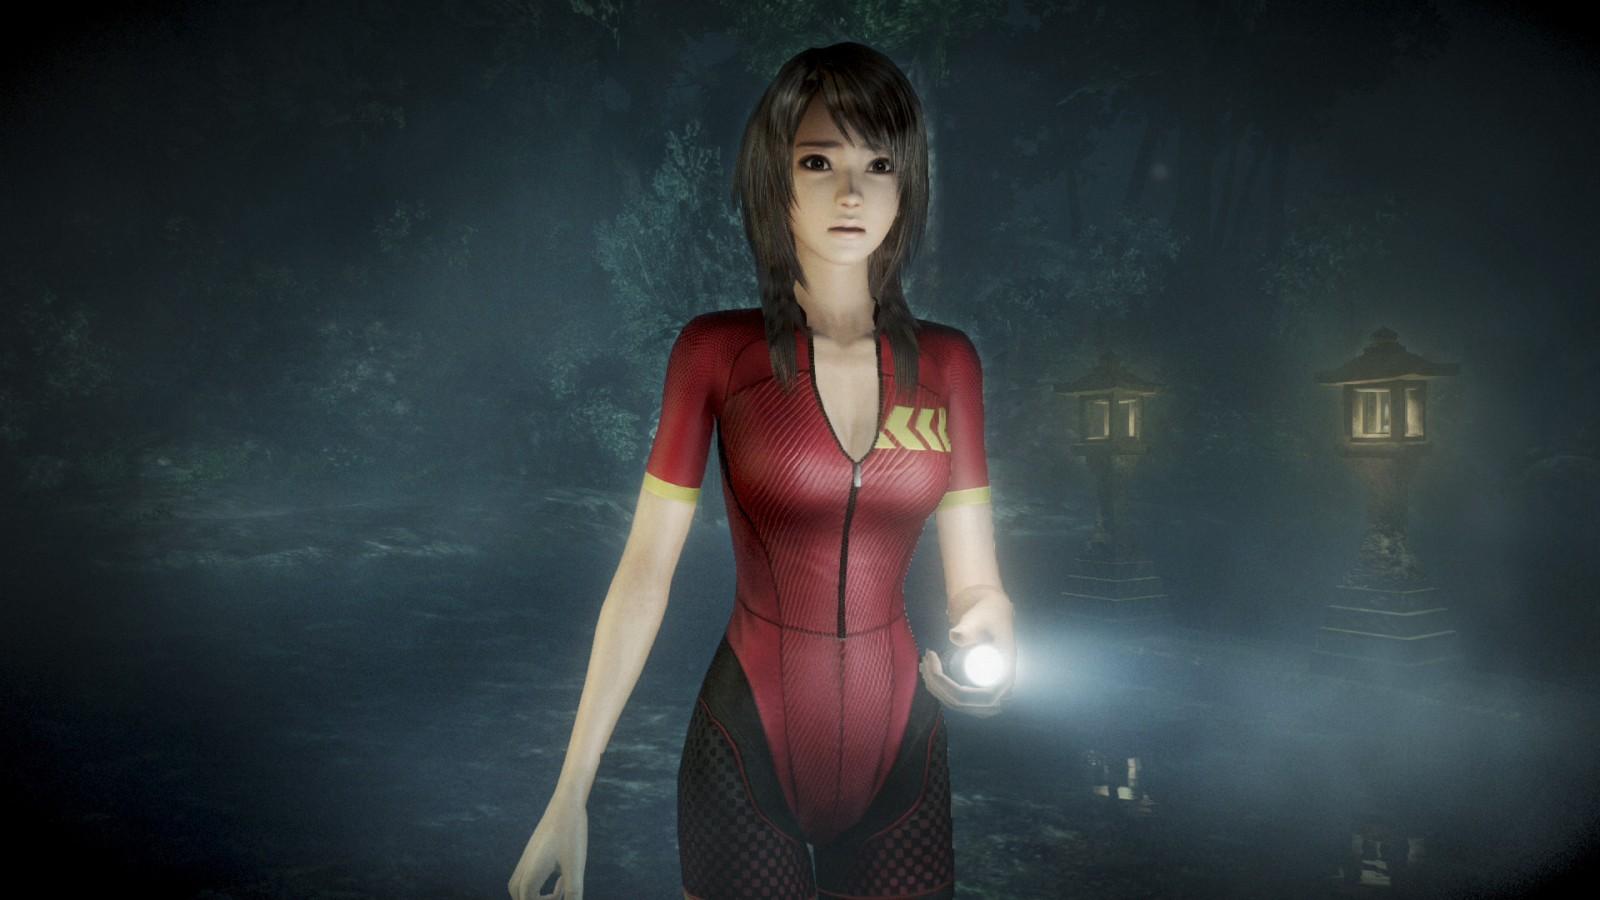 Fatal Frame: Maiden of Black Water ya tiene fecha de estreno en PC y consolas 2